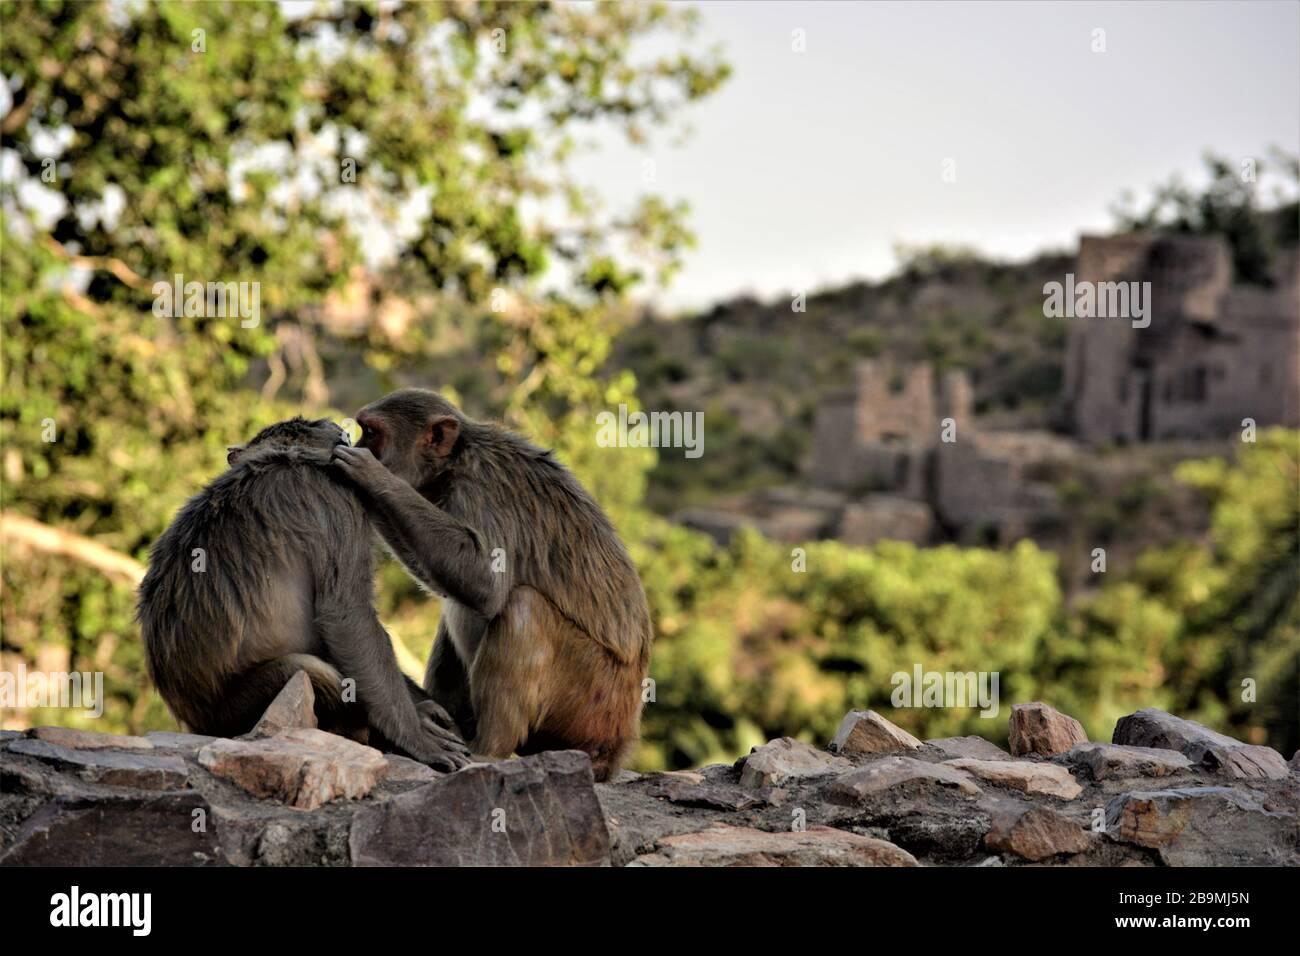 Una scimmia che aiuta l'altro cercando e mangiando pidocchi di testa, India Foto Stock